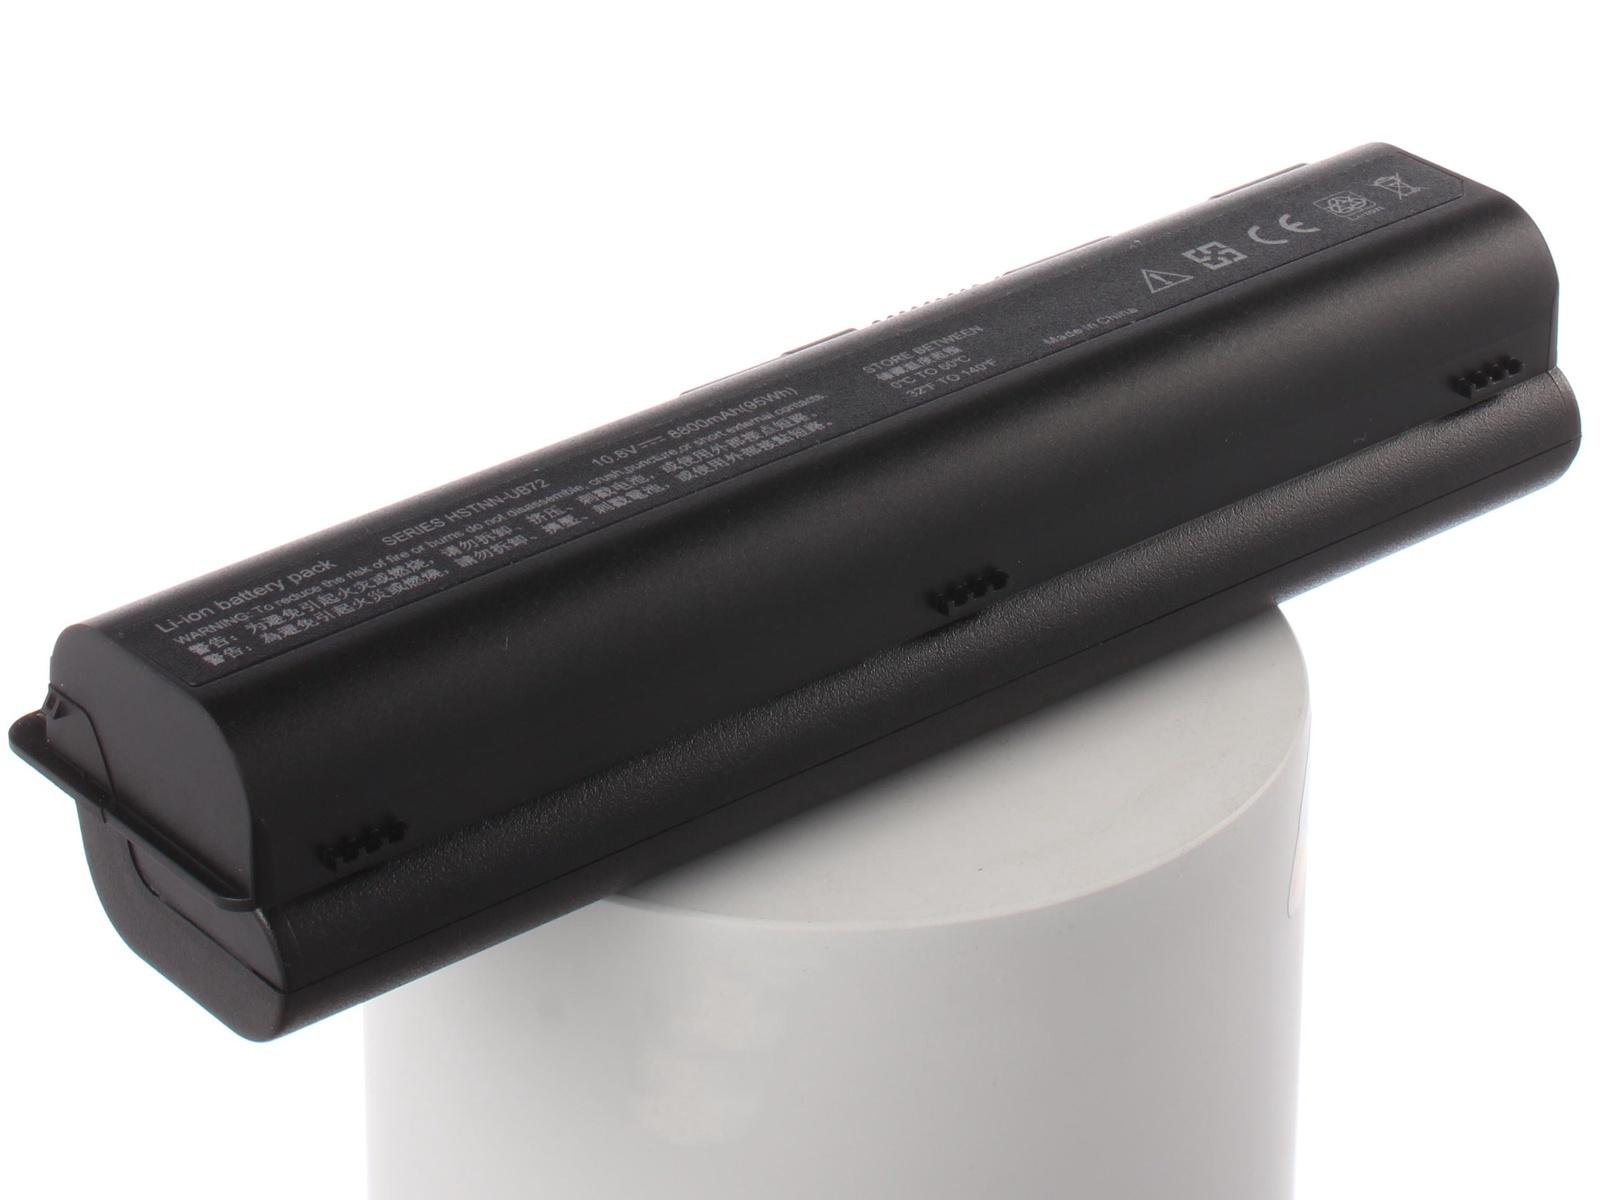 Аккумулятор для ноутбука AnyBatt для HP-Compaq Presario CQ61-424ER, G60-200, G71-340us, Pavilion dv4-1465dx, Pavilion dv5-1004nr, Pavilion dv6-2012SF, Presario CQ40-100, Presario CQ45-100, Presario CQ60-100, Presario CQ60-205ER